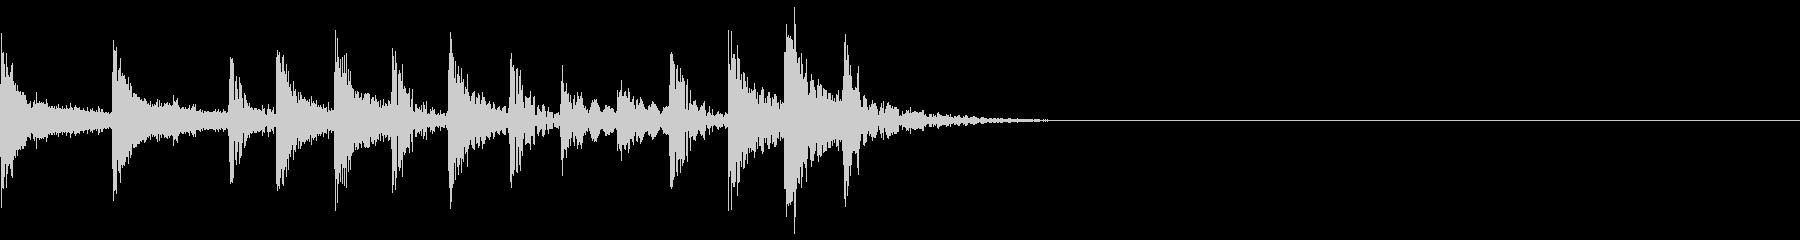 生ドラム_Fill inサンプリングの未再生の波形